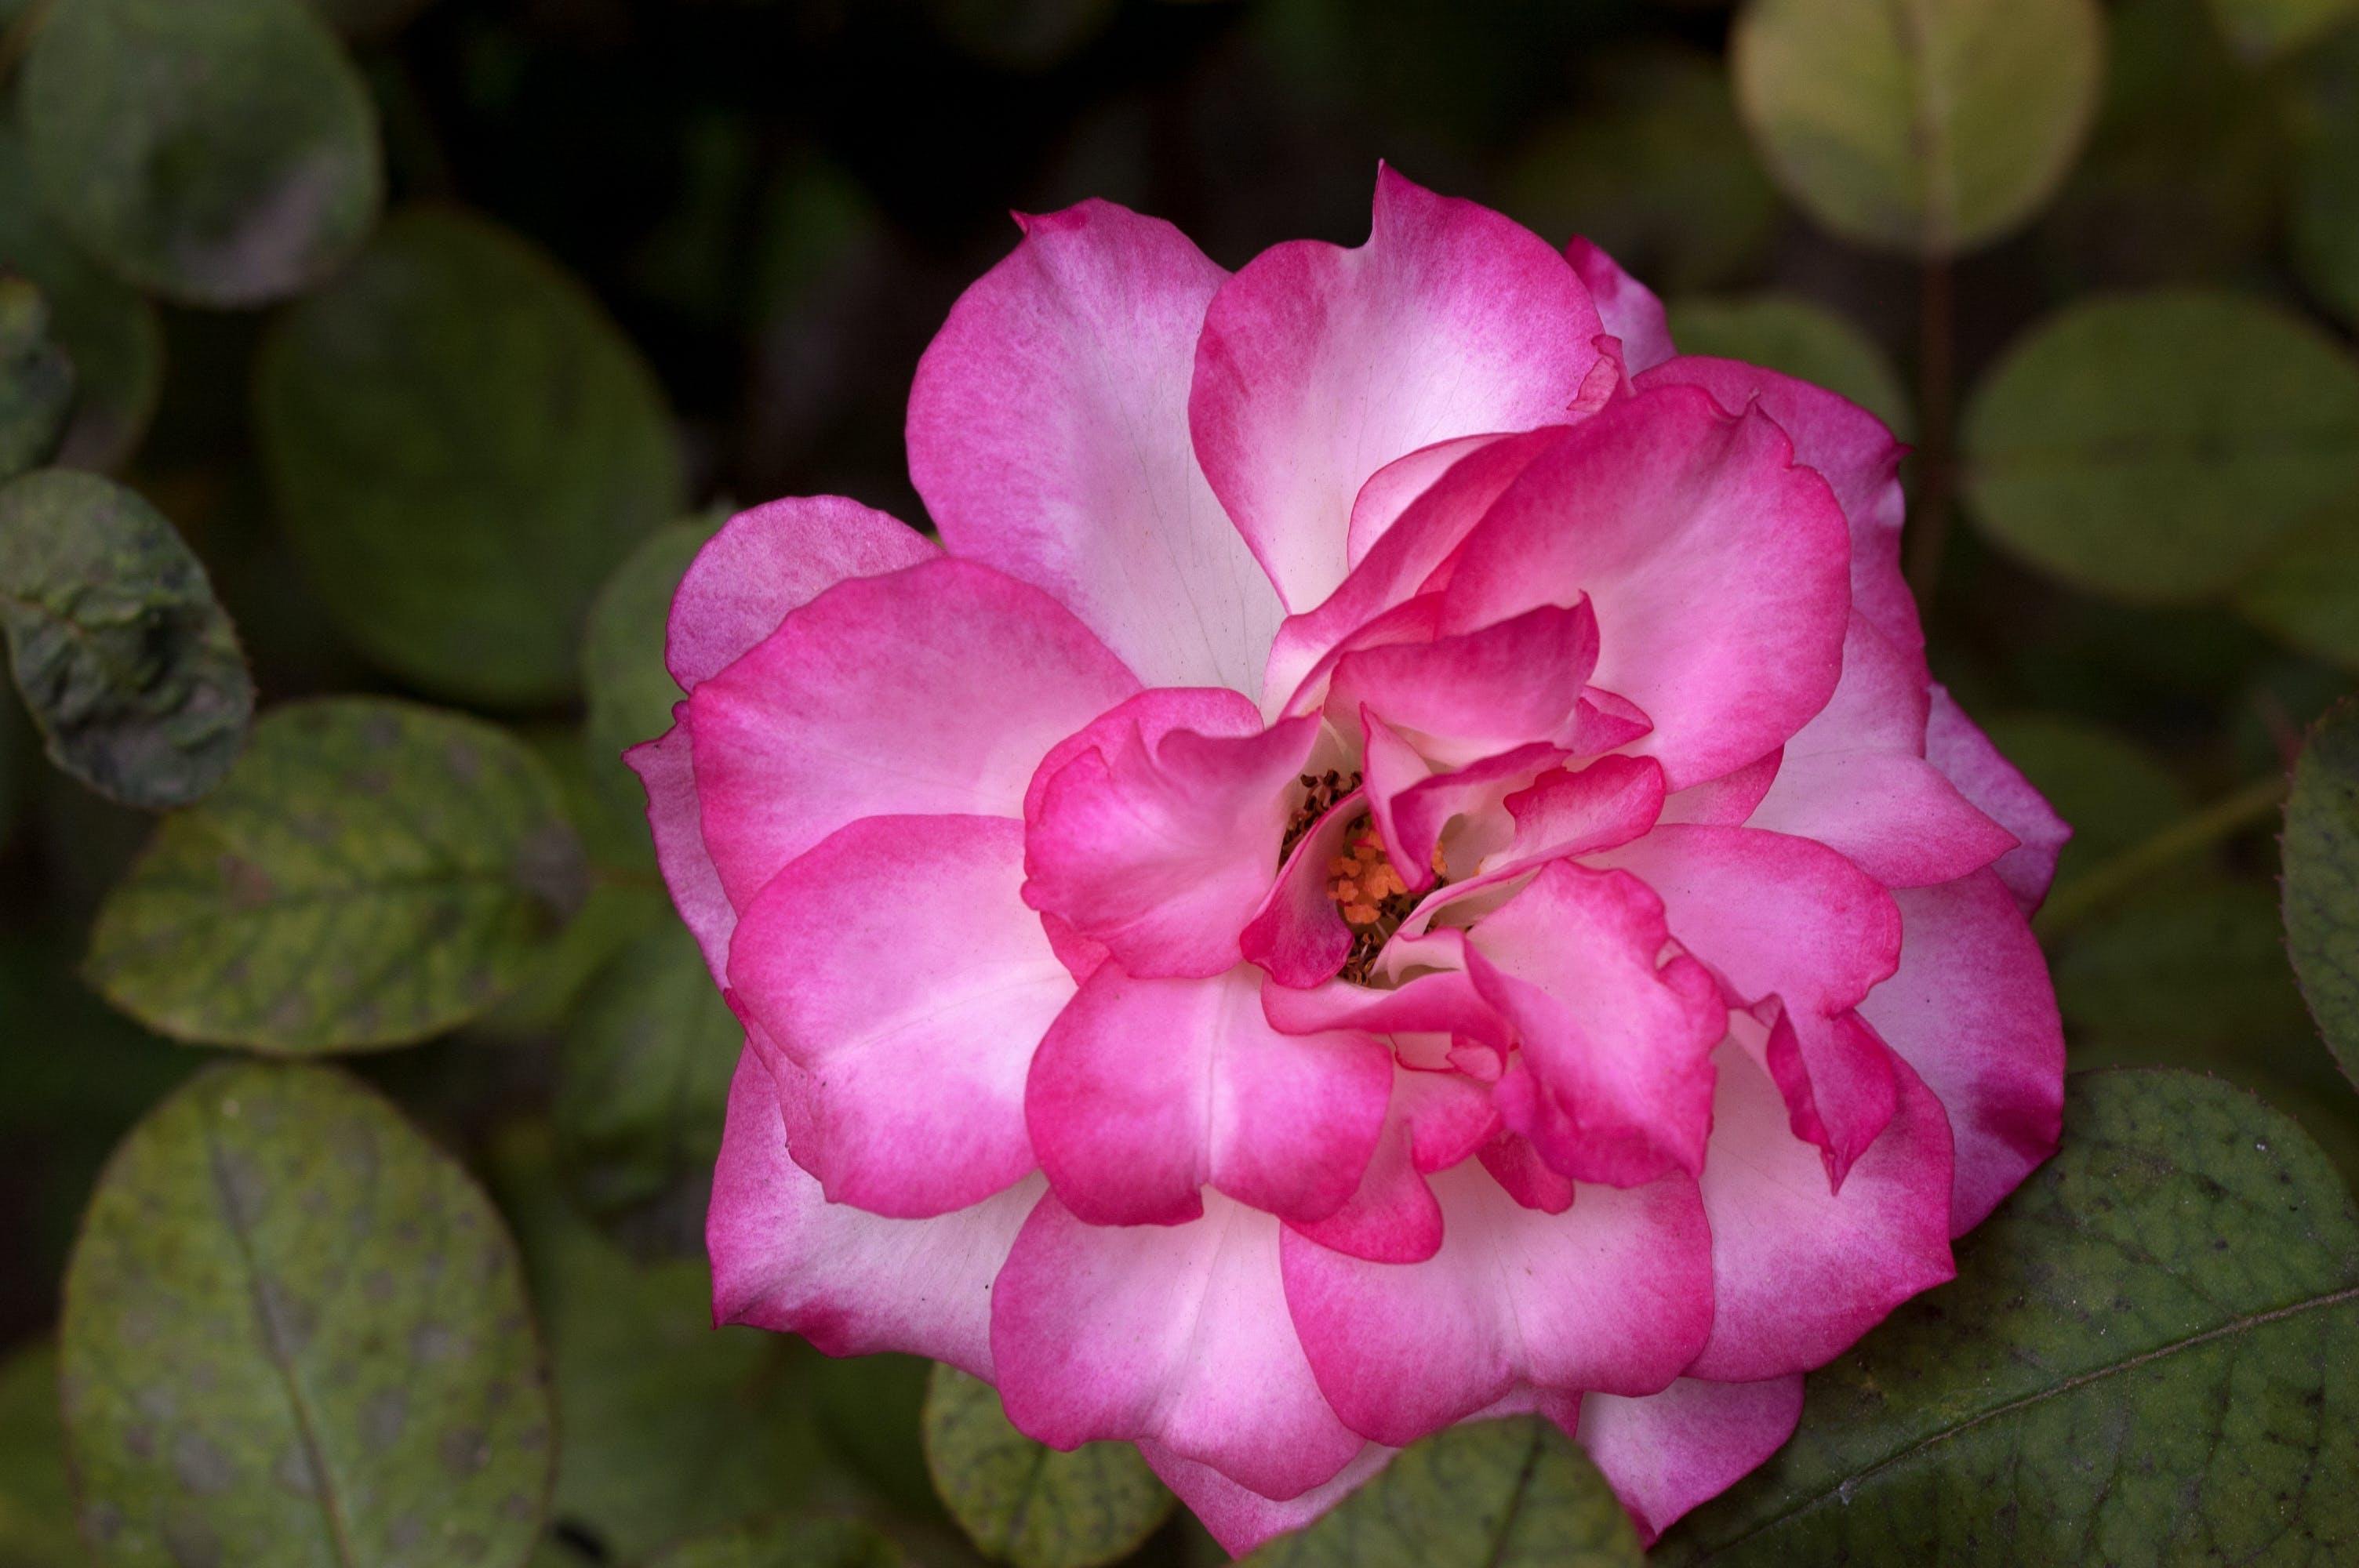 Free stock photo of rose, Rose pink